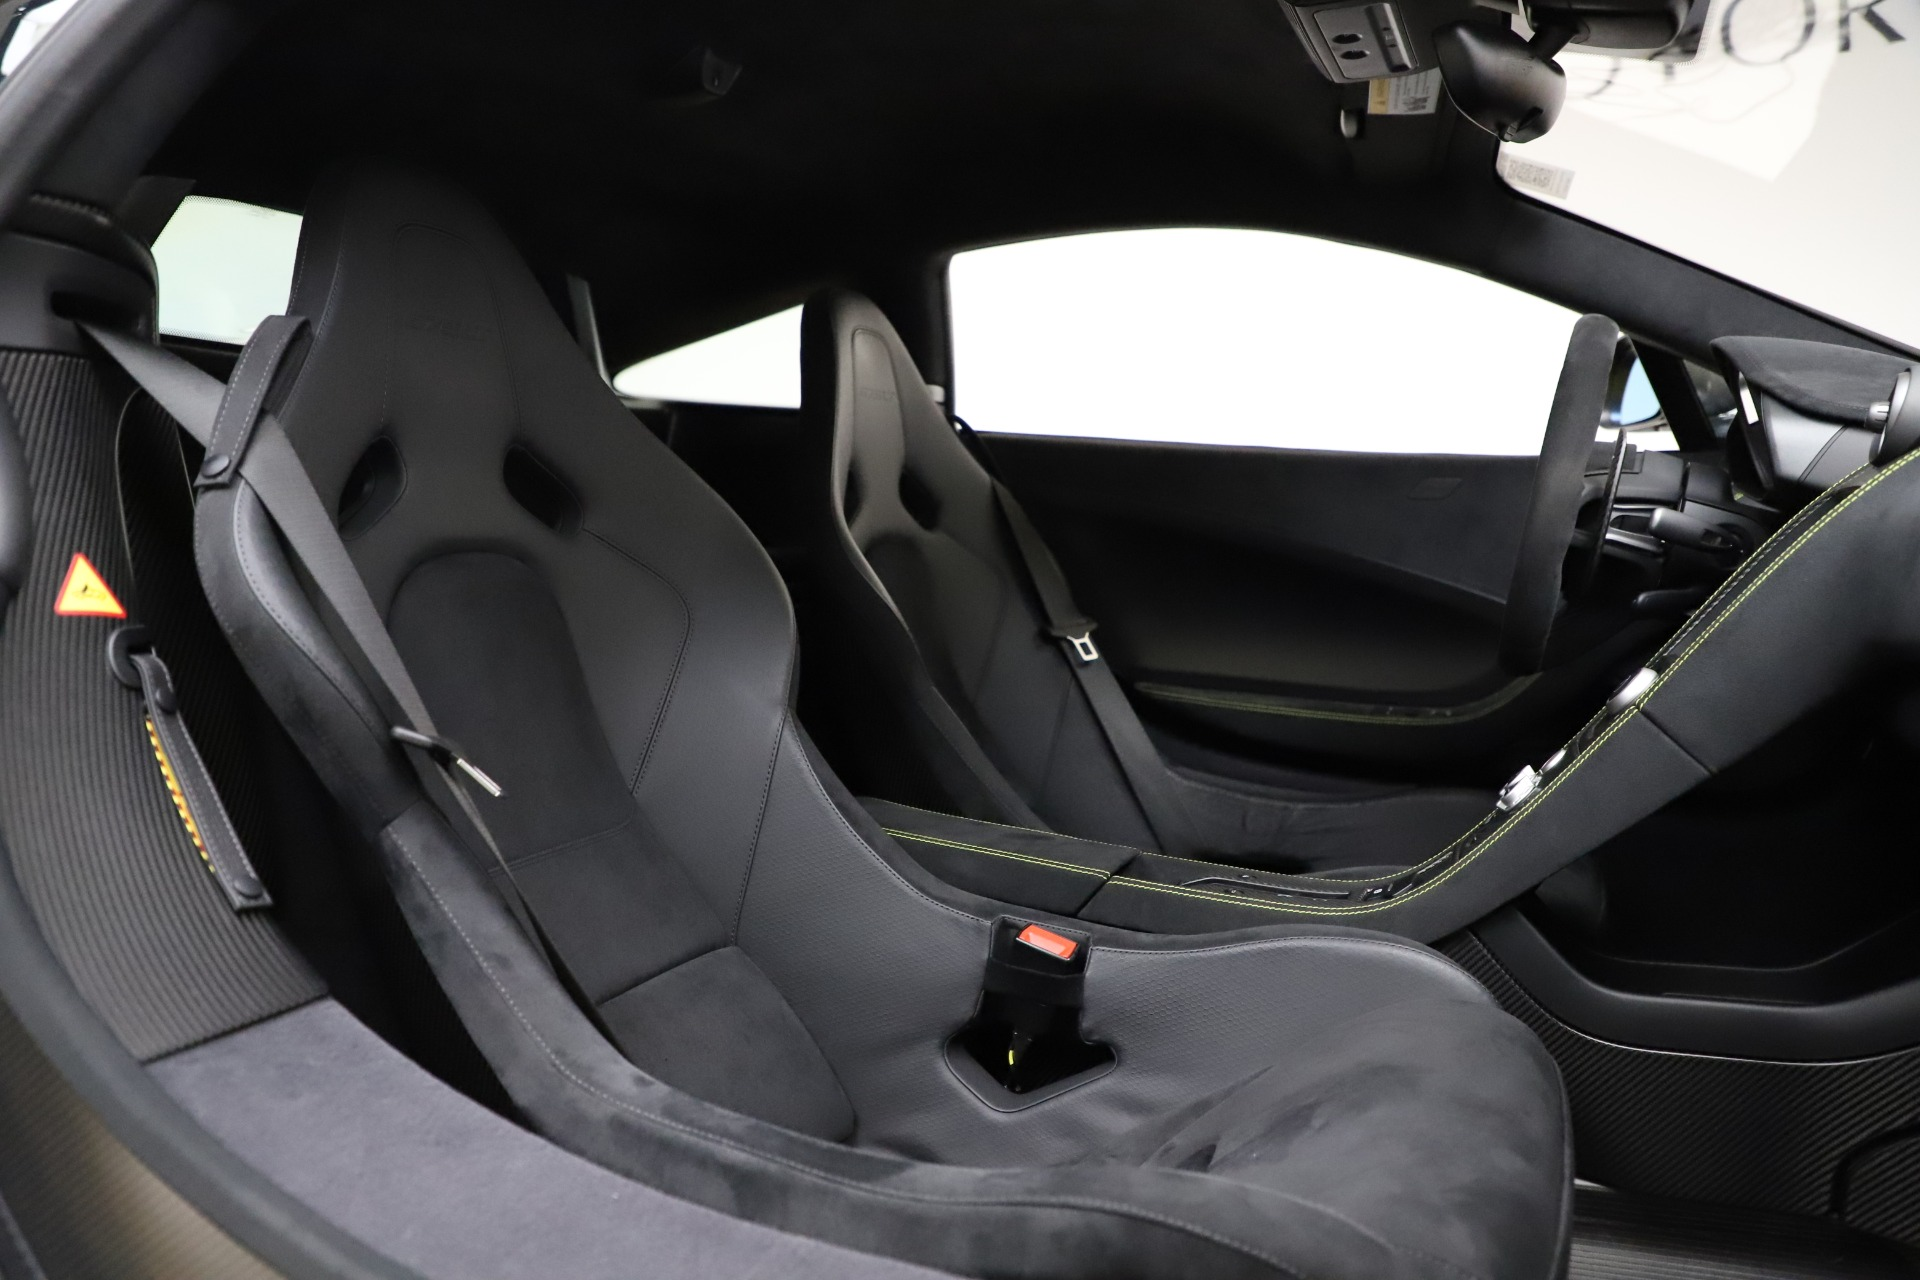 Used 2016 McLaren 675LT Coupe For Sale In Westport, CT 1916_p23